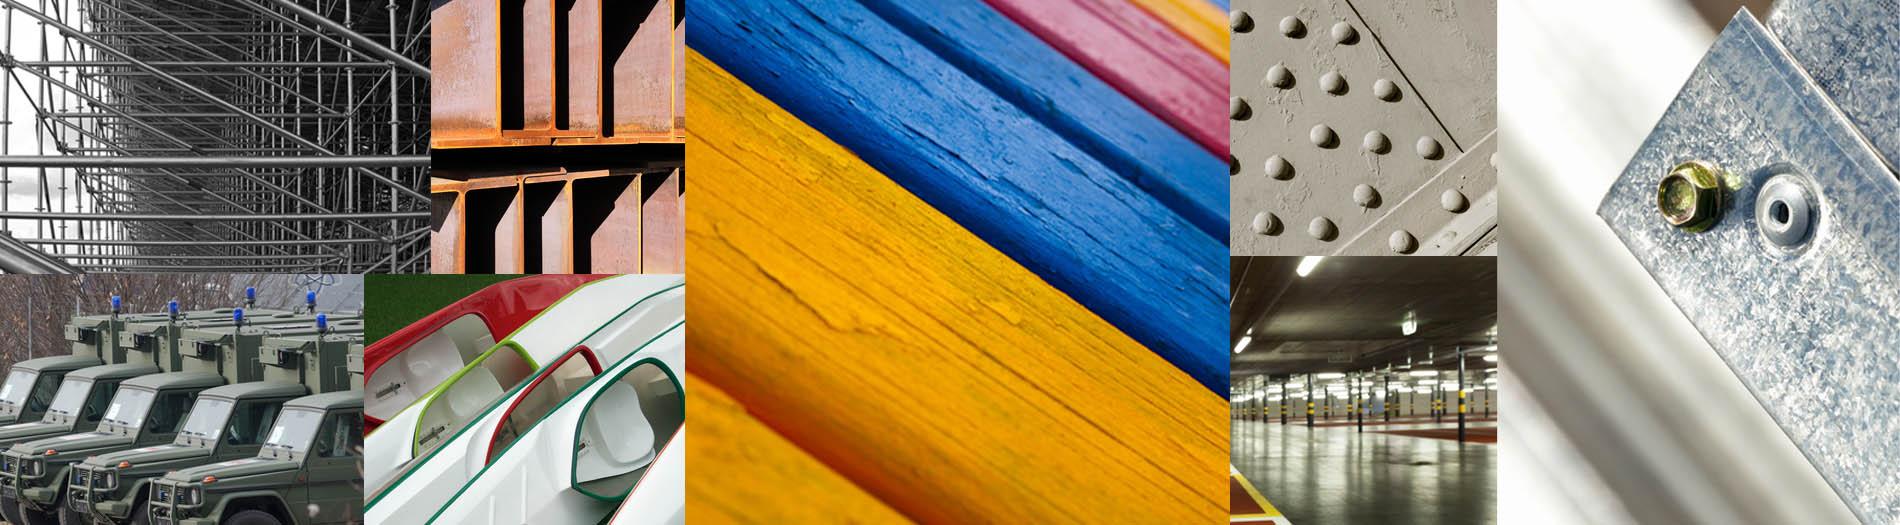 Индустриални бои Mipa каталог